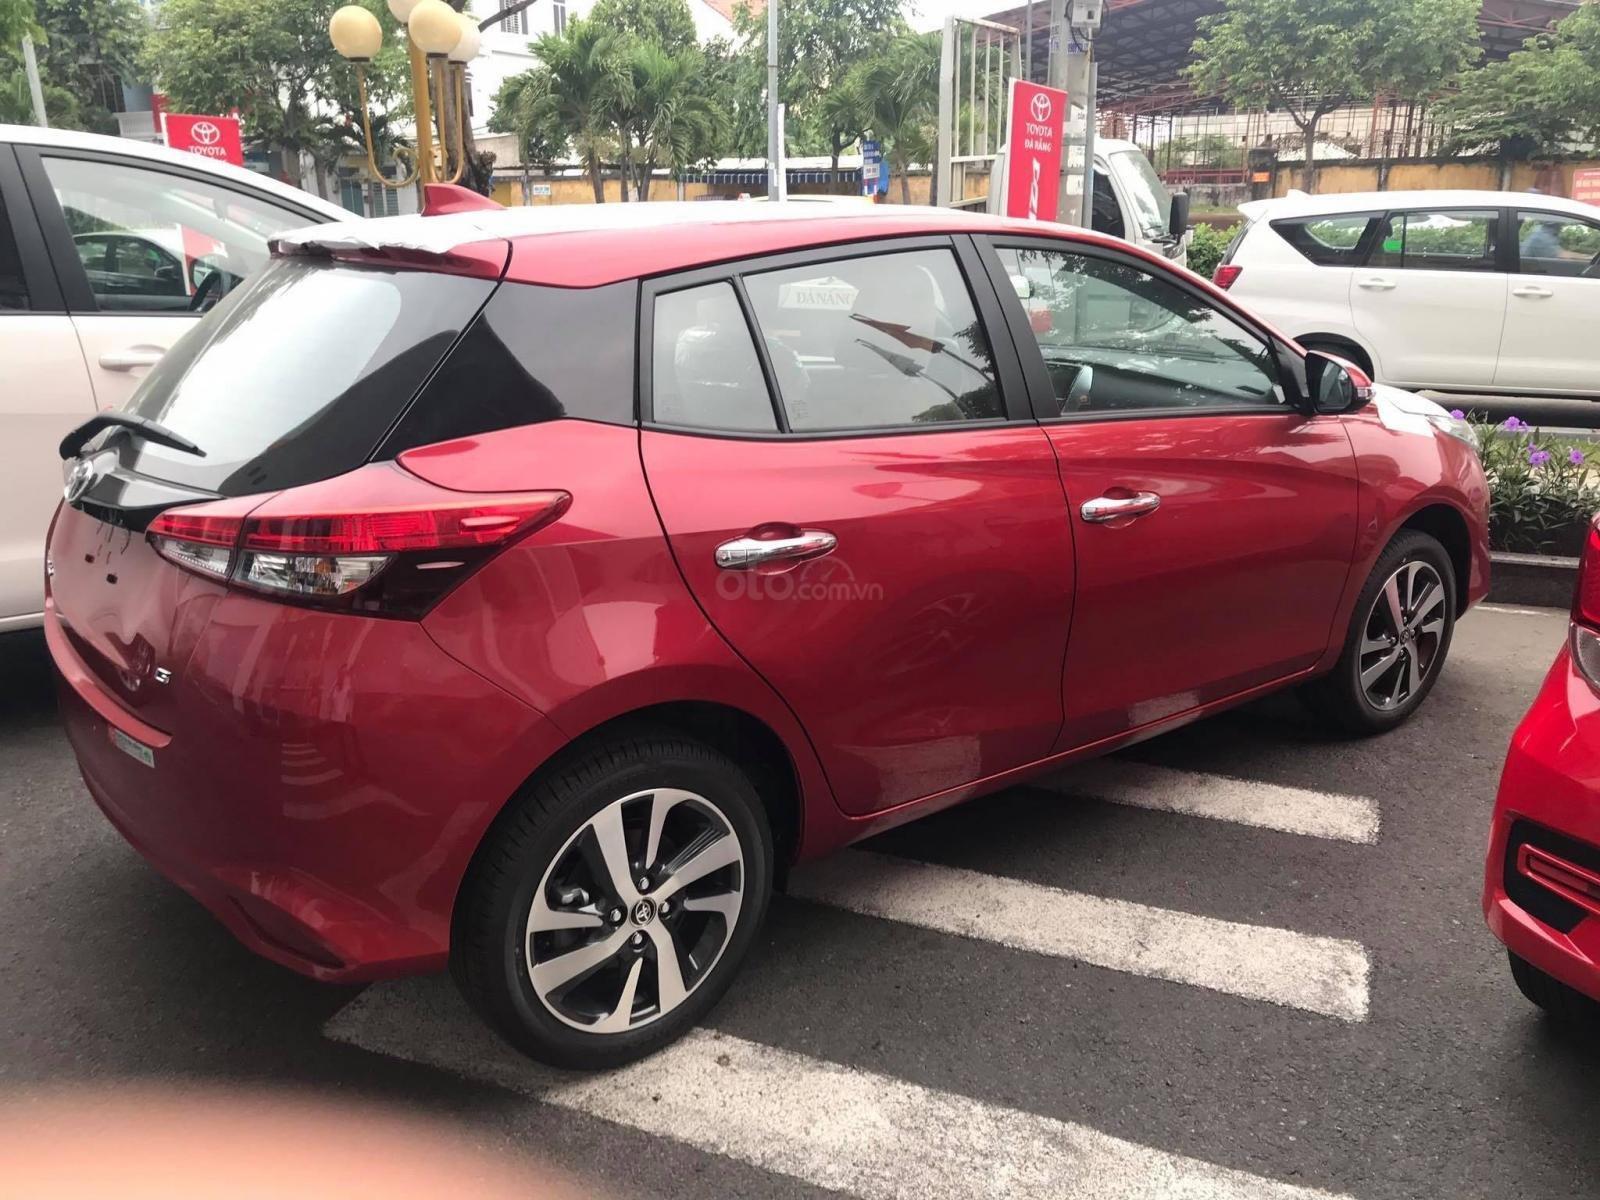 Cần bán xe Toyota Yaris đăng ký lần đầu 2019, màu Đỏ nhập khẩu giá chỉ 625 triệu đồng (2)